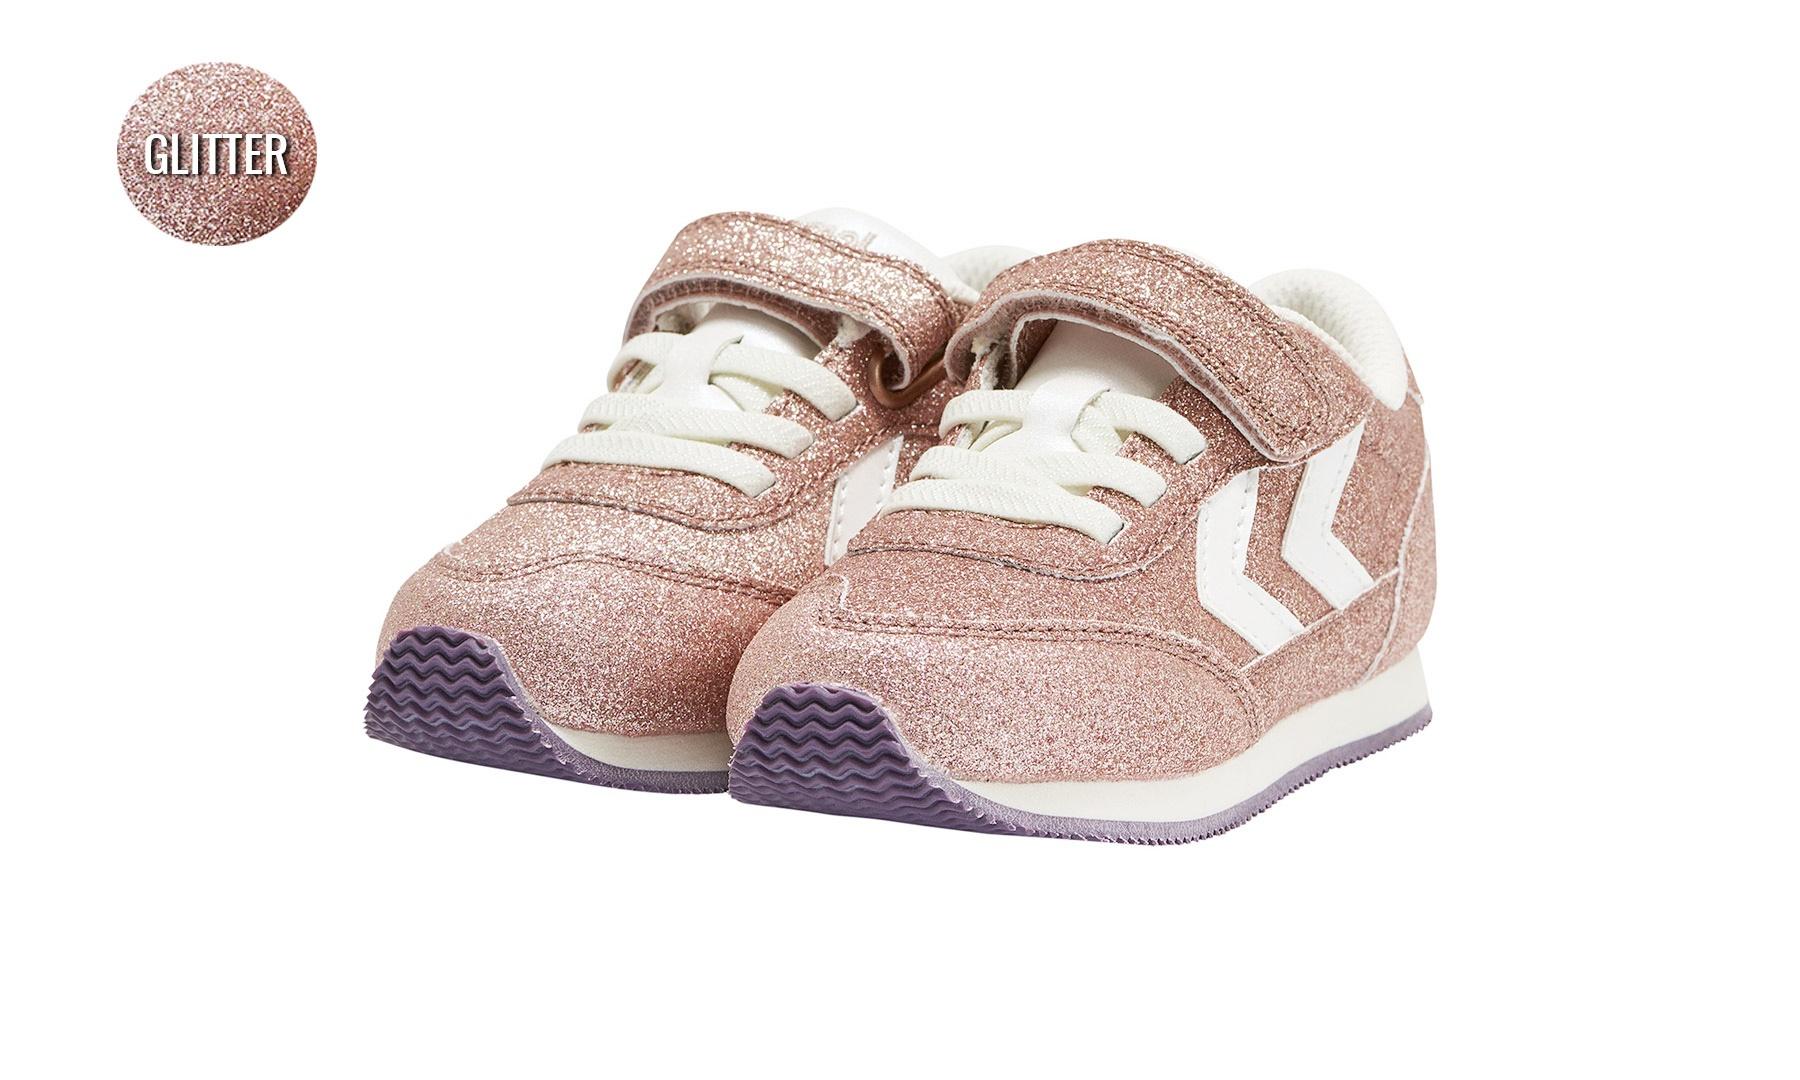 Reflex joggesko til små barn